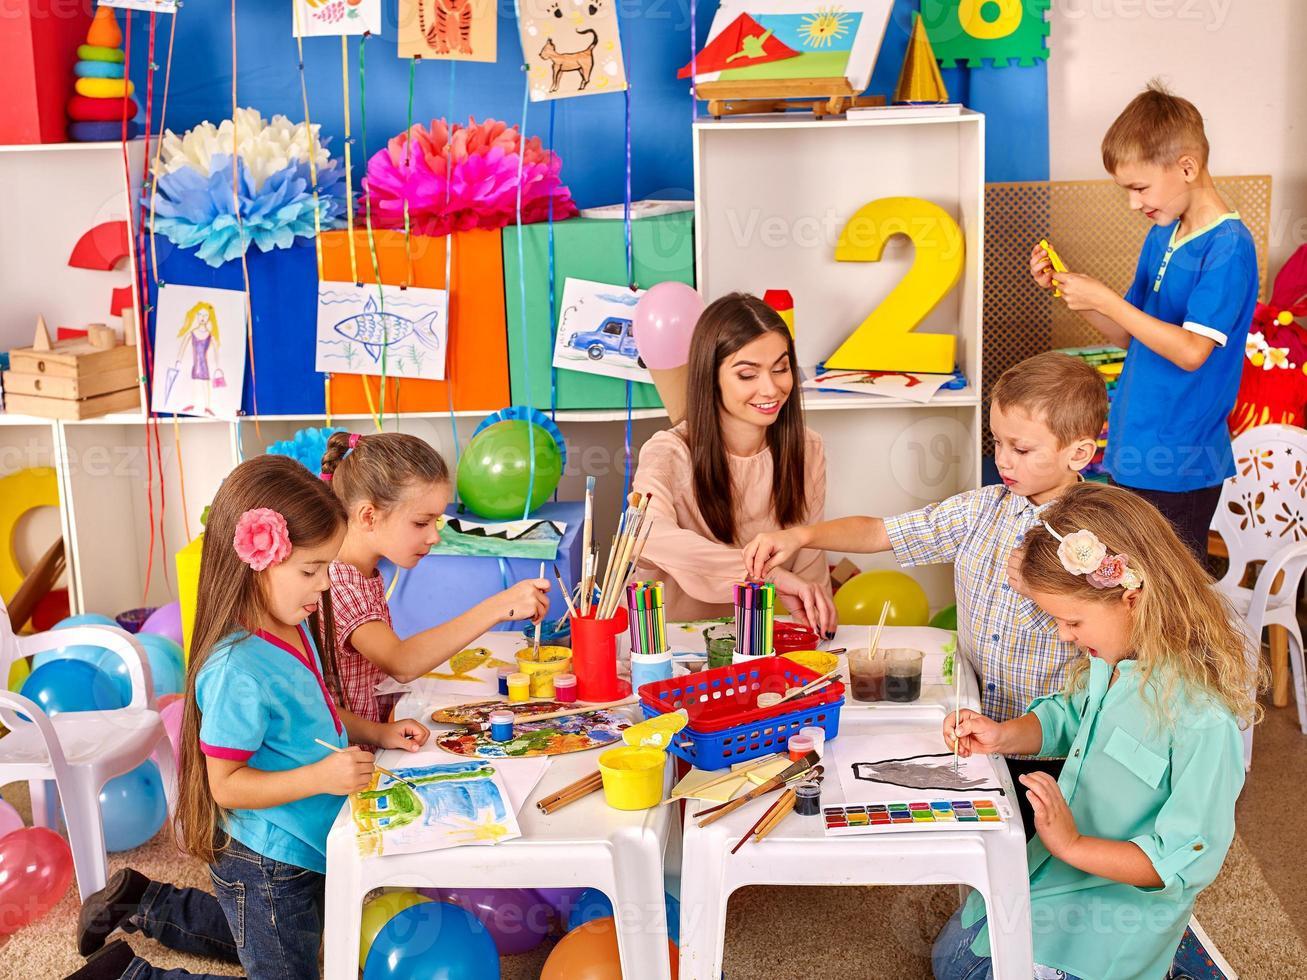 bambini in possesso di carta colorata e colla sul tavolo nella scuola materna foto